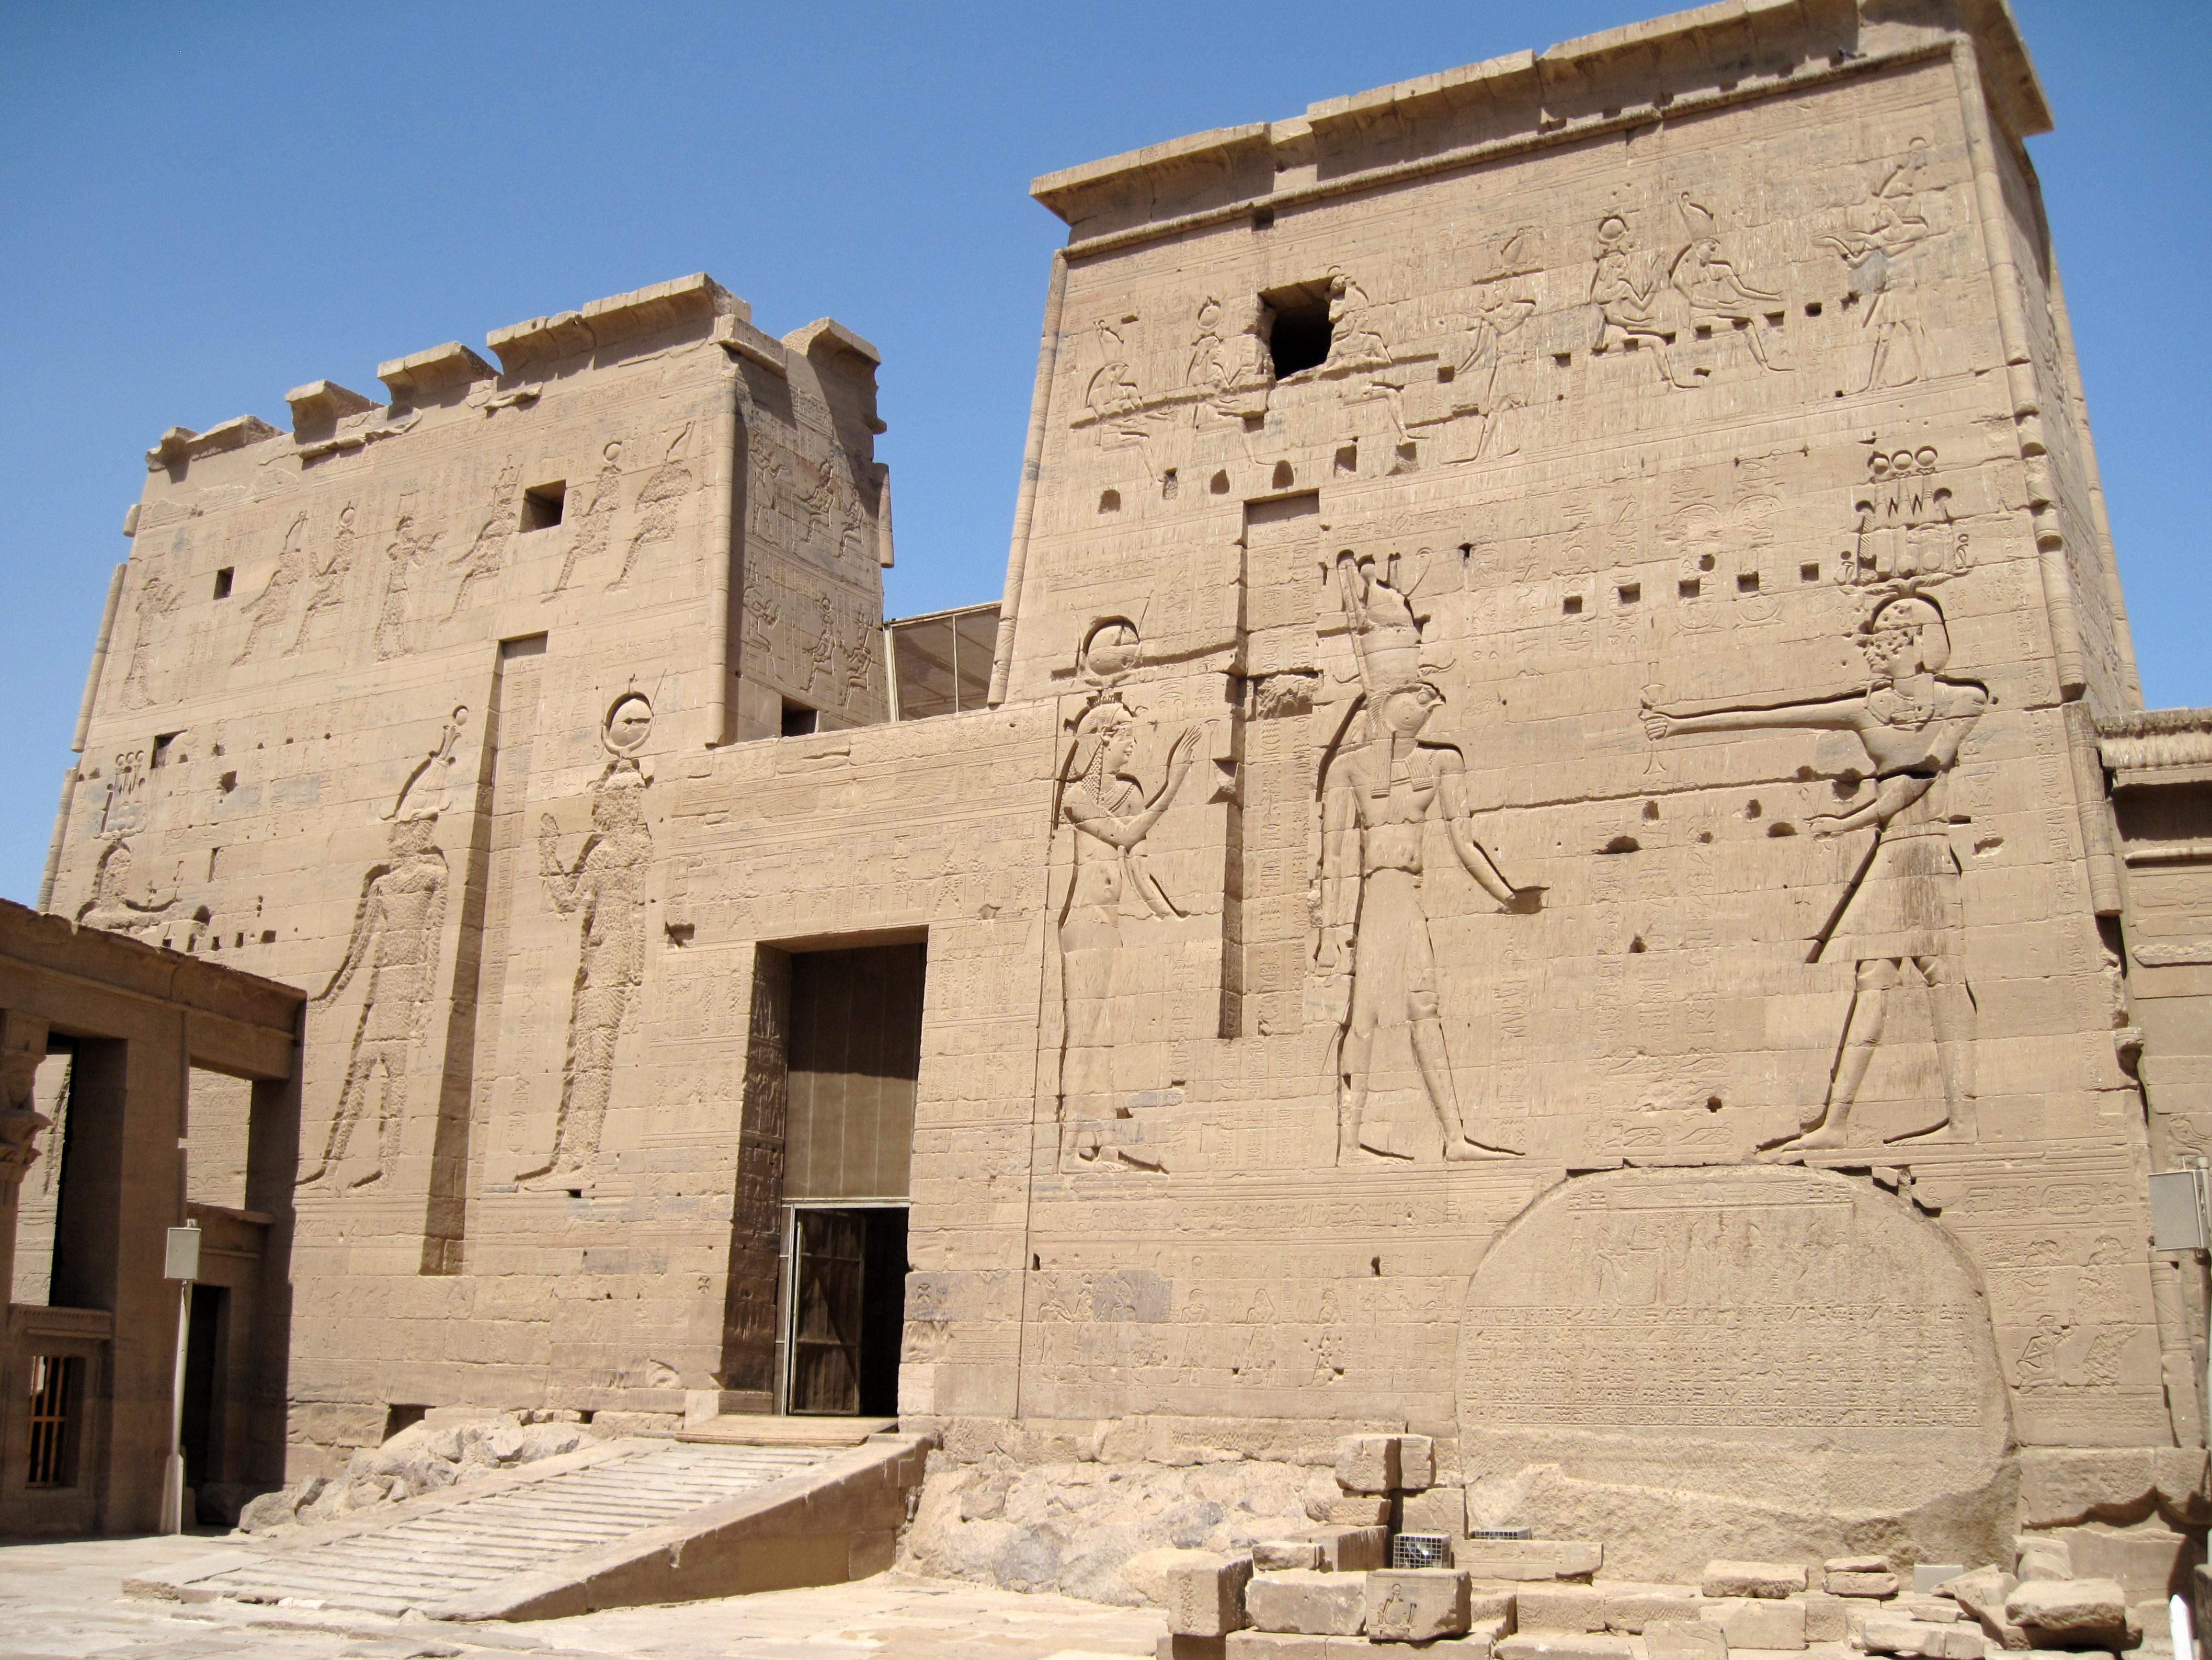 Bildergebnis für tempel von isis